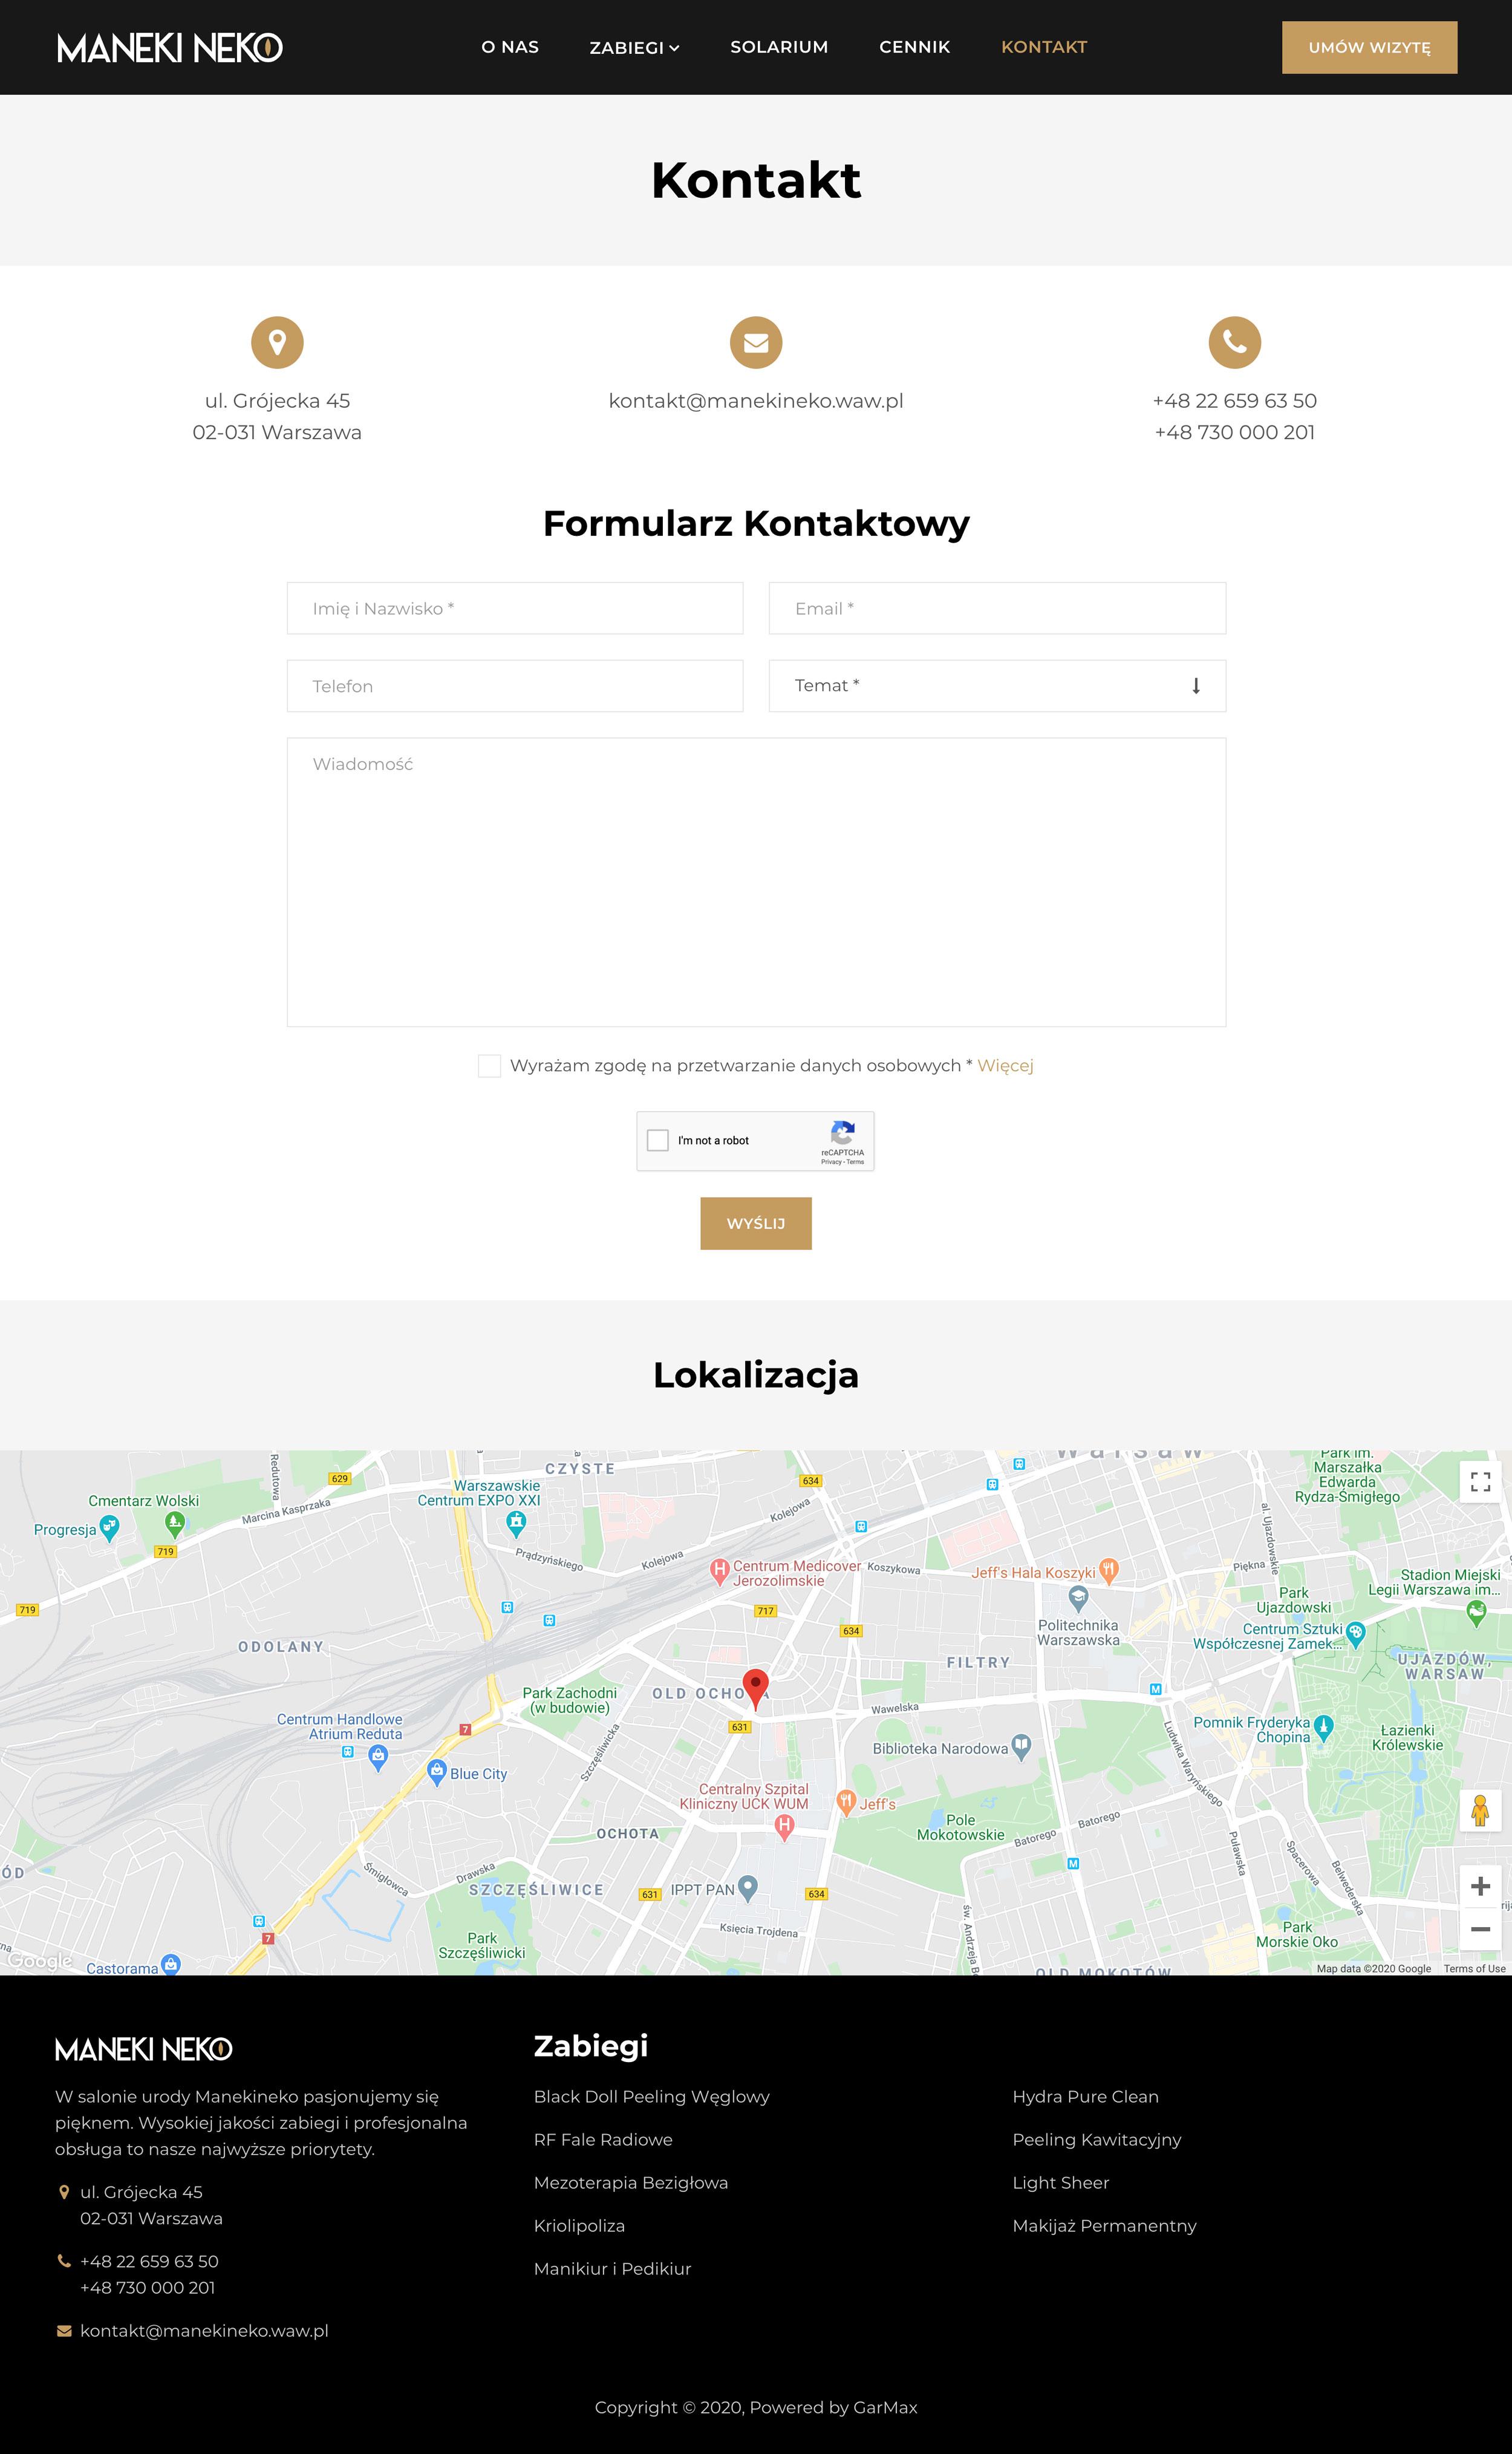 MANEKI NEKO - Kontakt